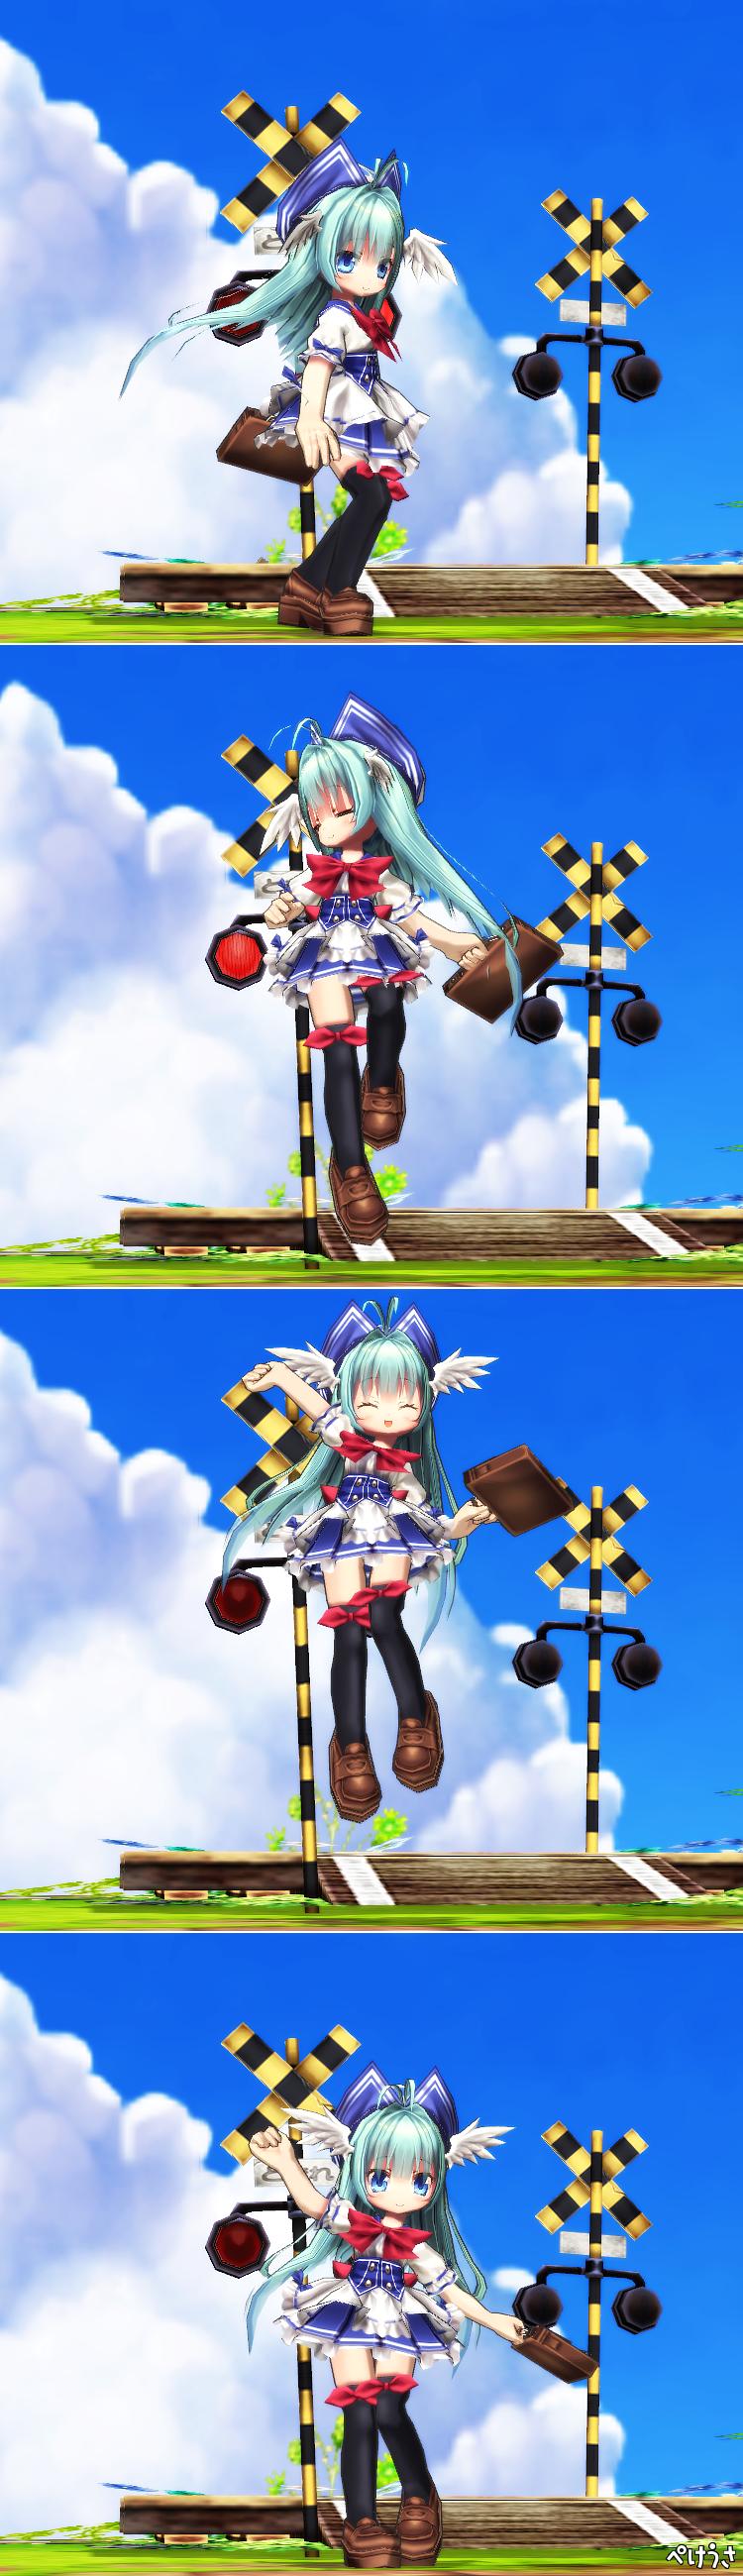 フィッシュちゃん(ターン、えいえいおーだよ!)